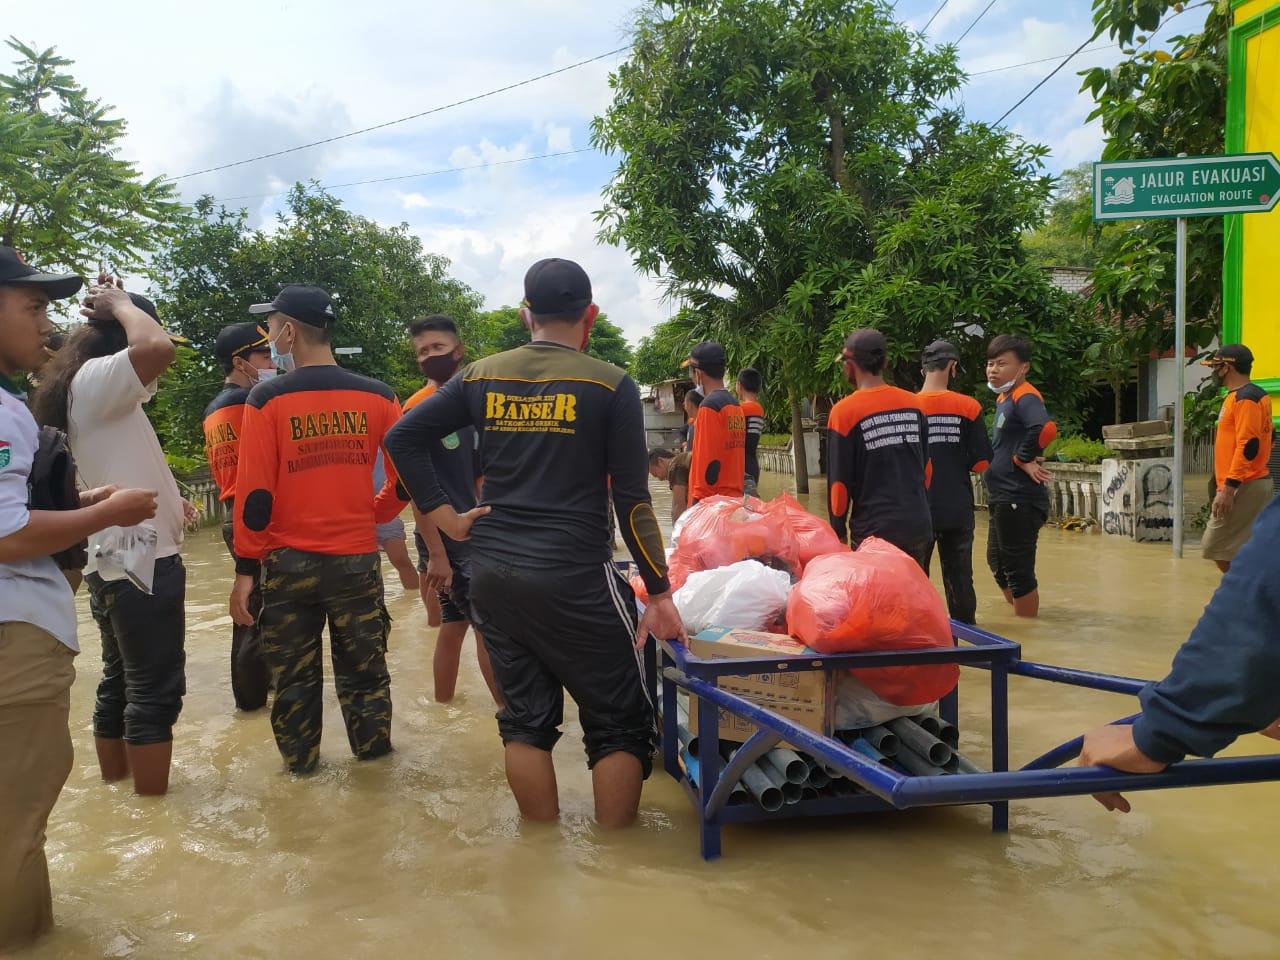 Suasana baksos yang dilakukan oleh tim MWC NU Balongpanggang